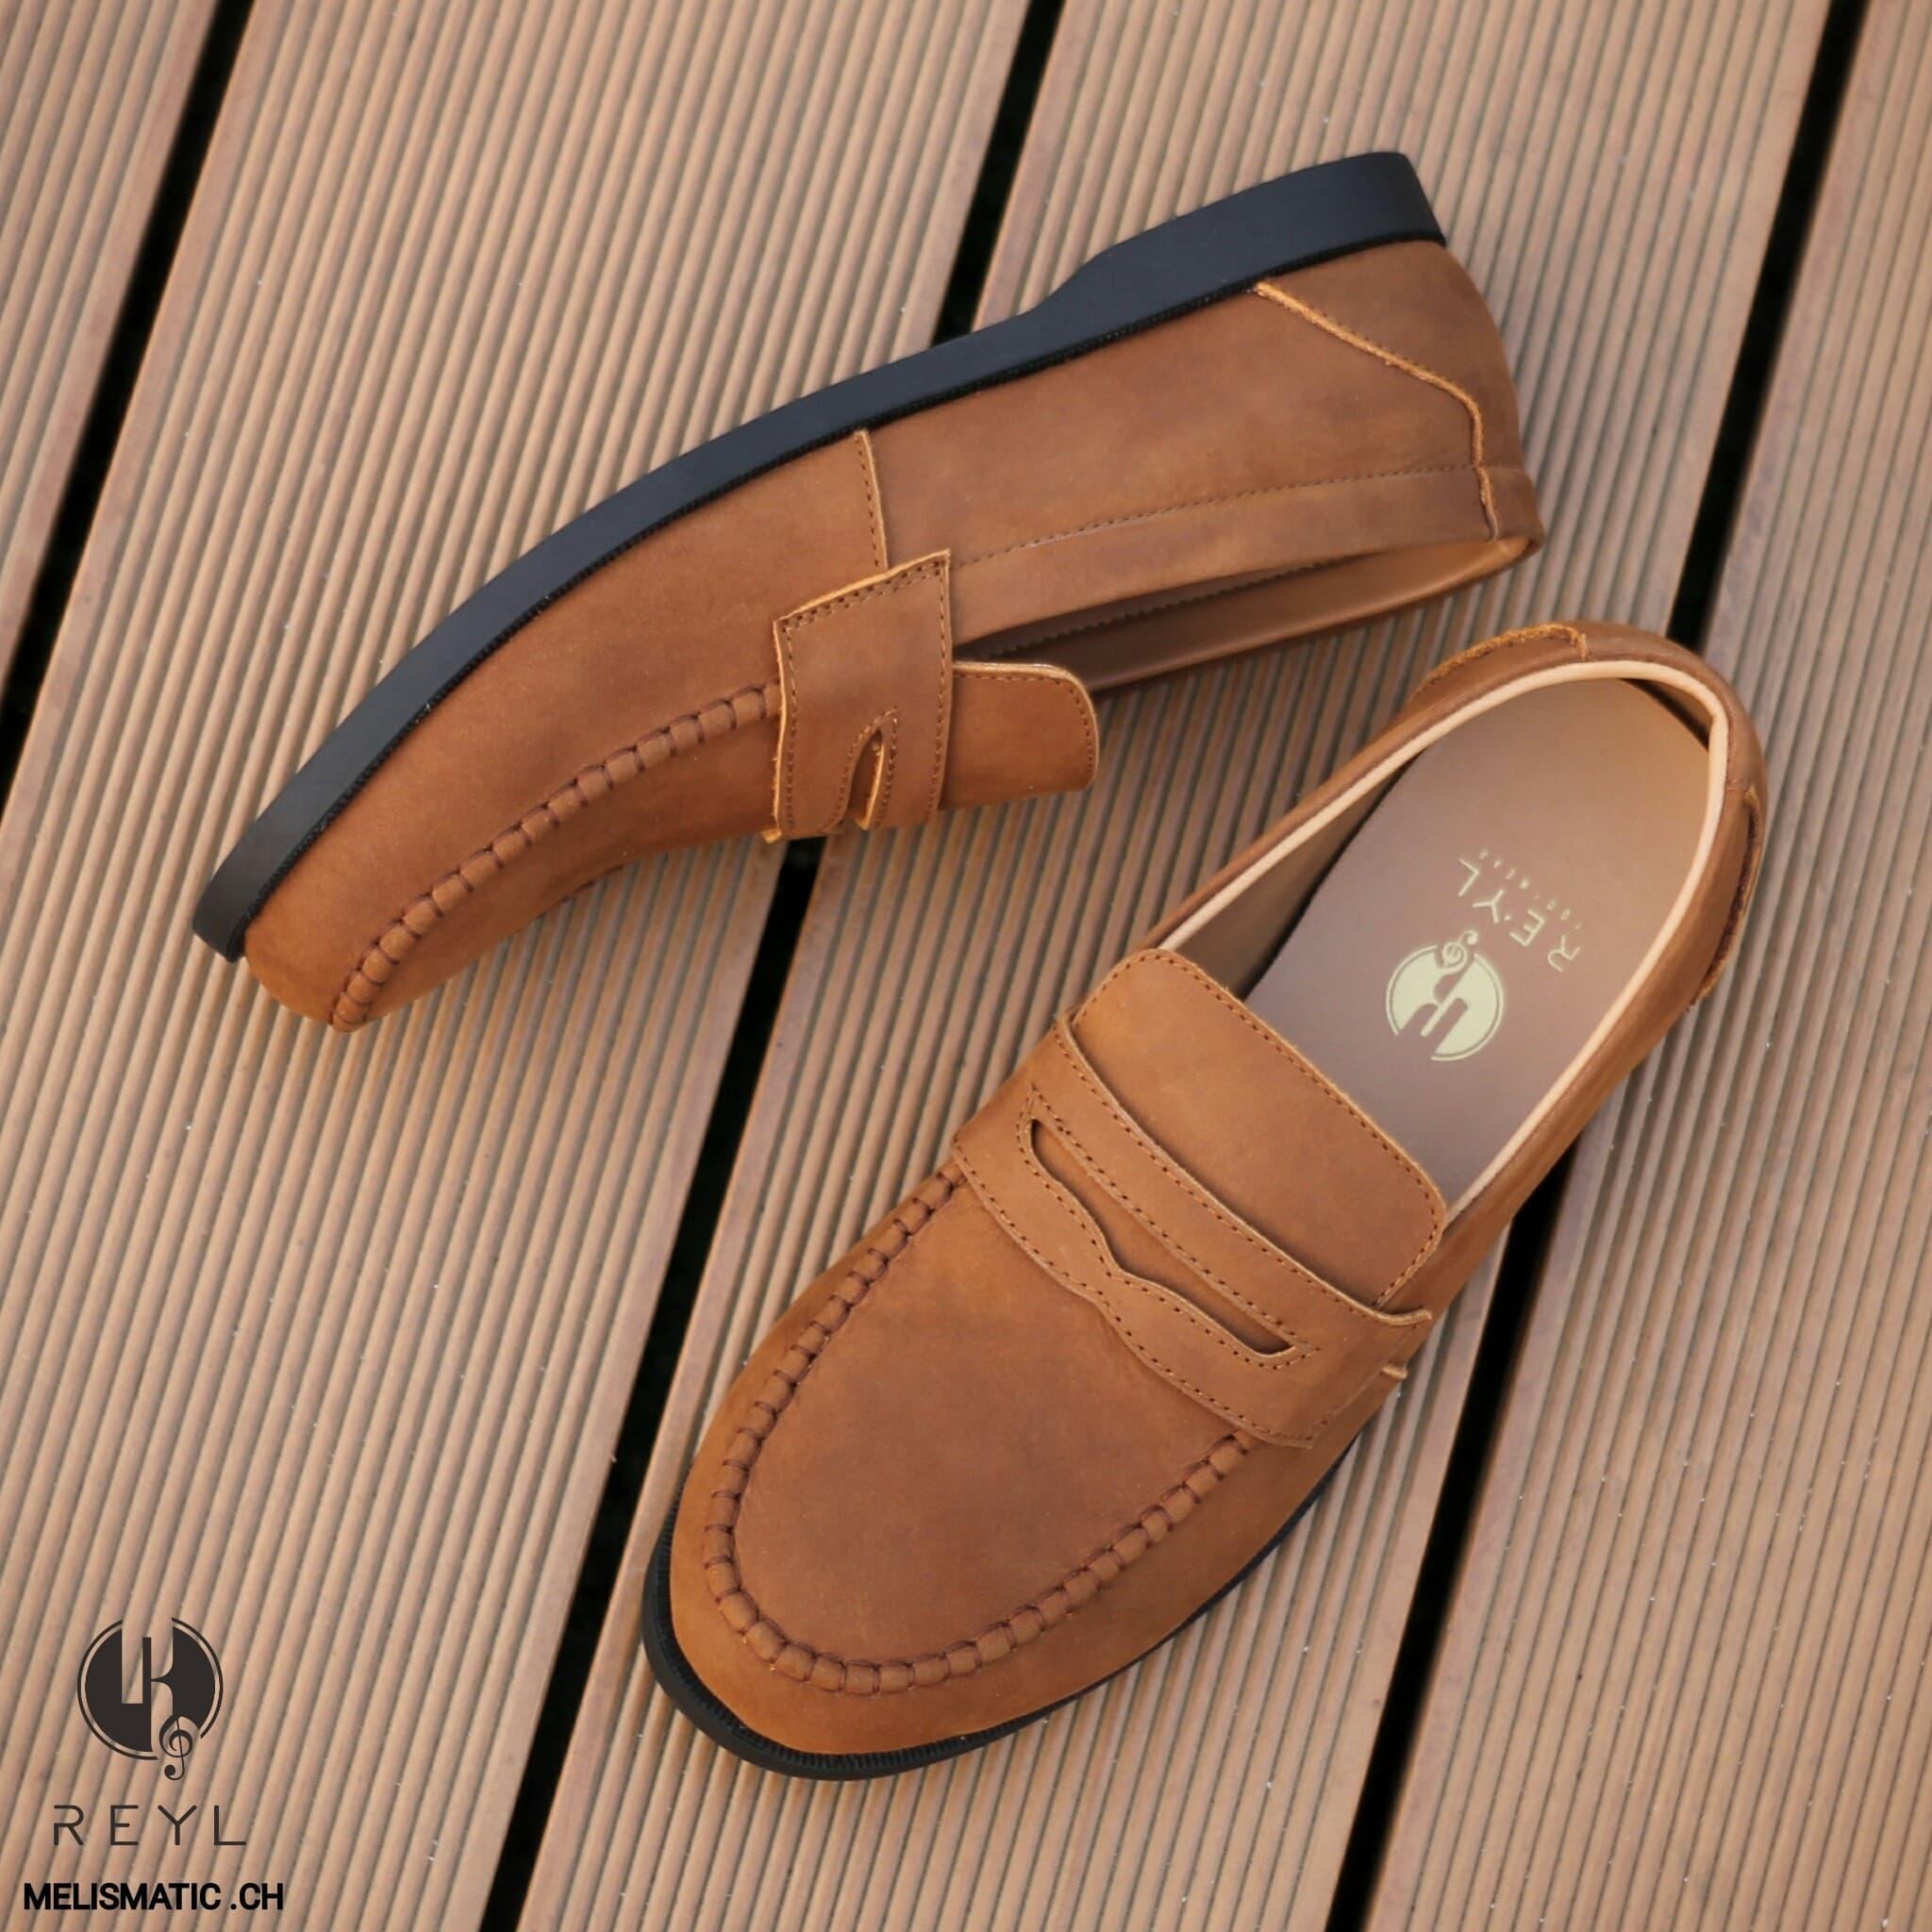 PENAWARAN Sepatu Slip On Pria REYL Melismatic CH Original Kulit Asli Formal 77e9bd4800